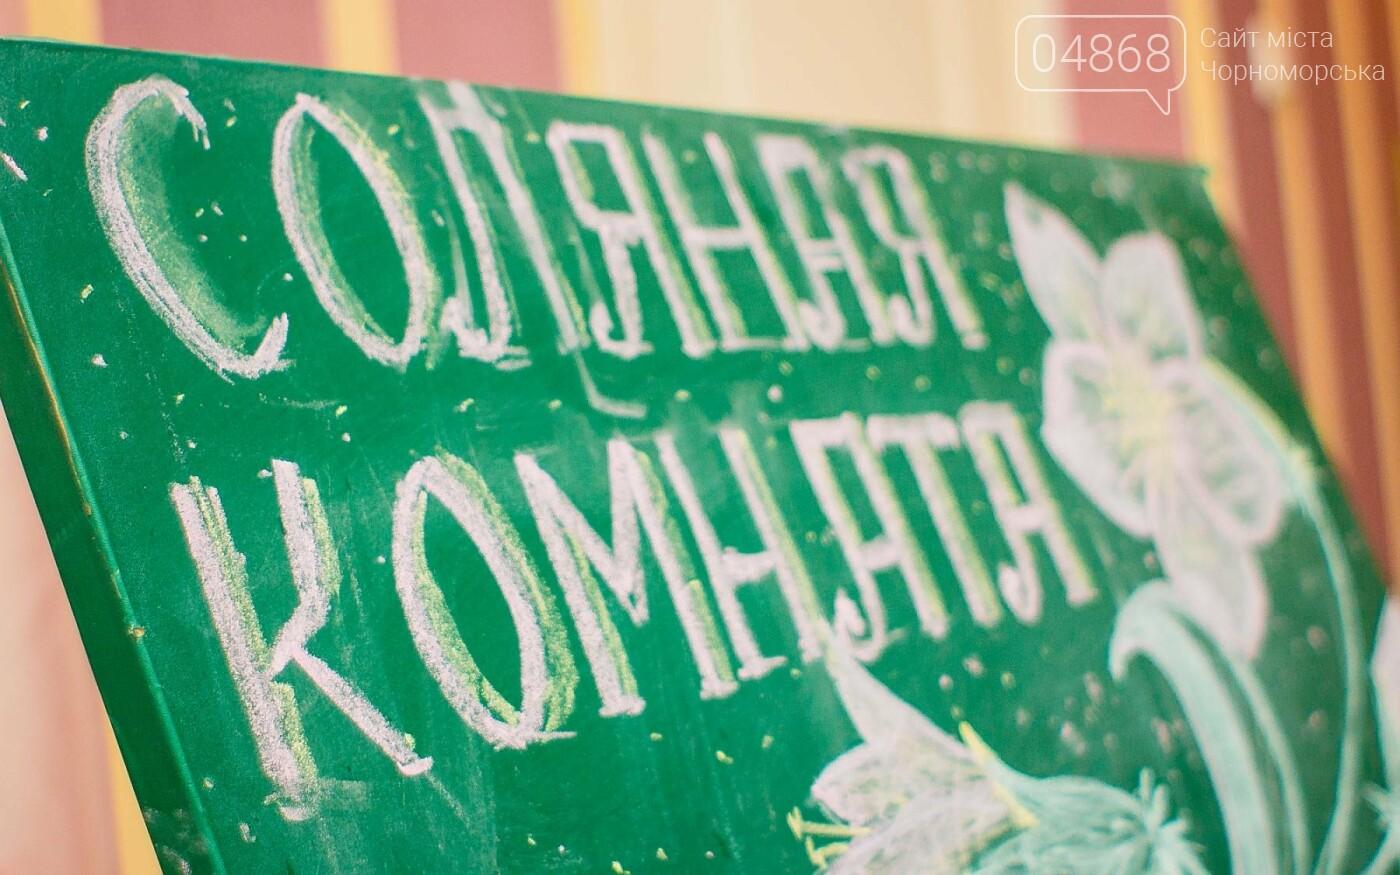 Воспитанники «Радуги» посетили соляную комнату в Черноморске, фото-18